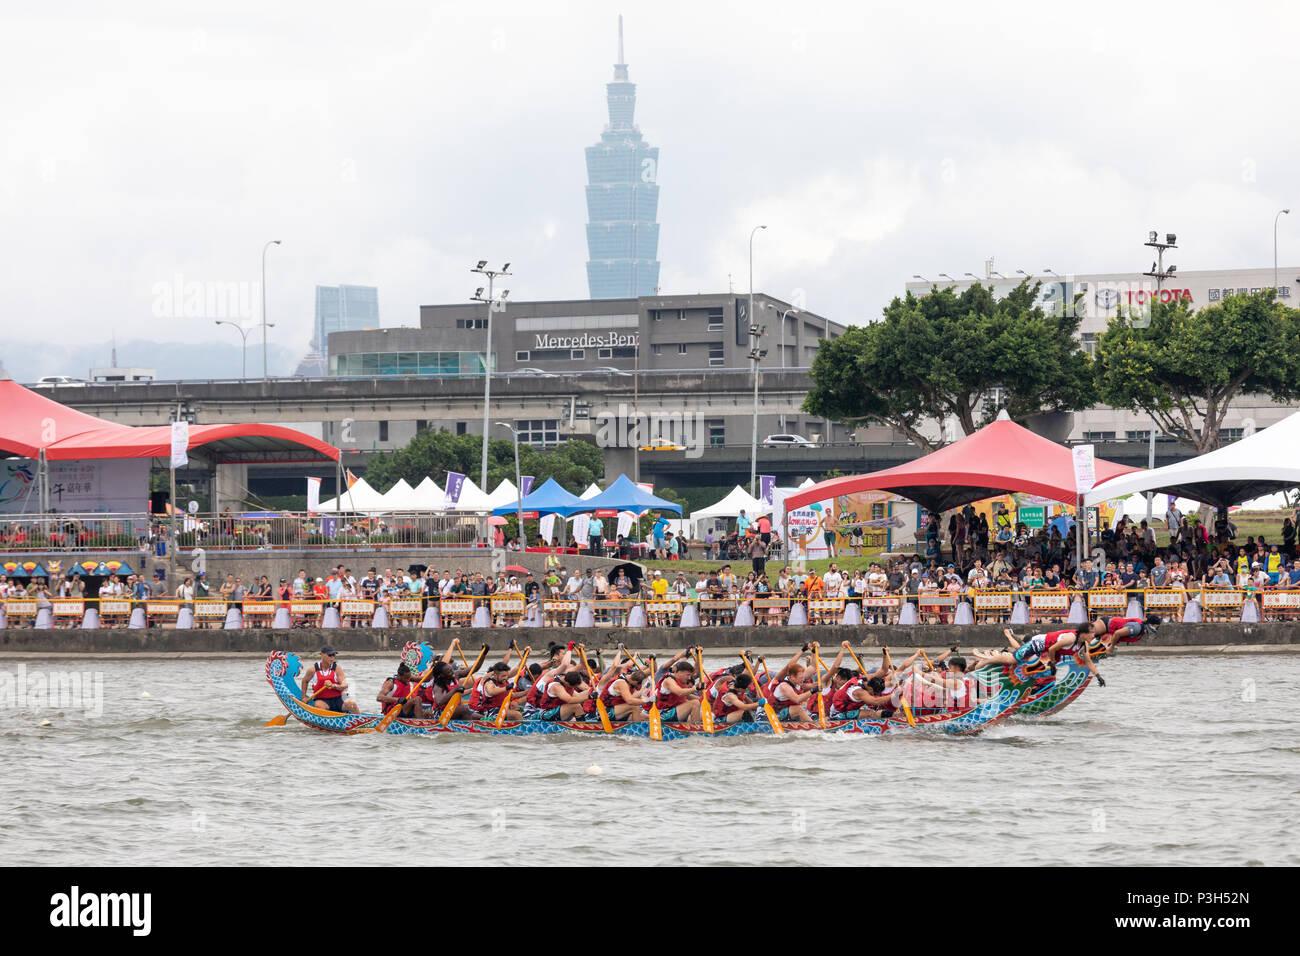 Taipei, Taiwan, 18 June: Dragon boats pass below Taipei 101 during